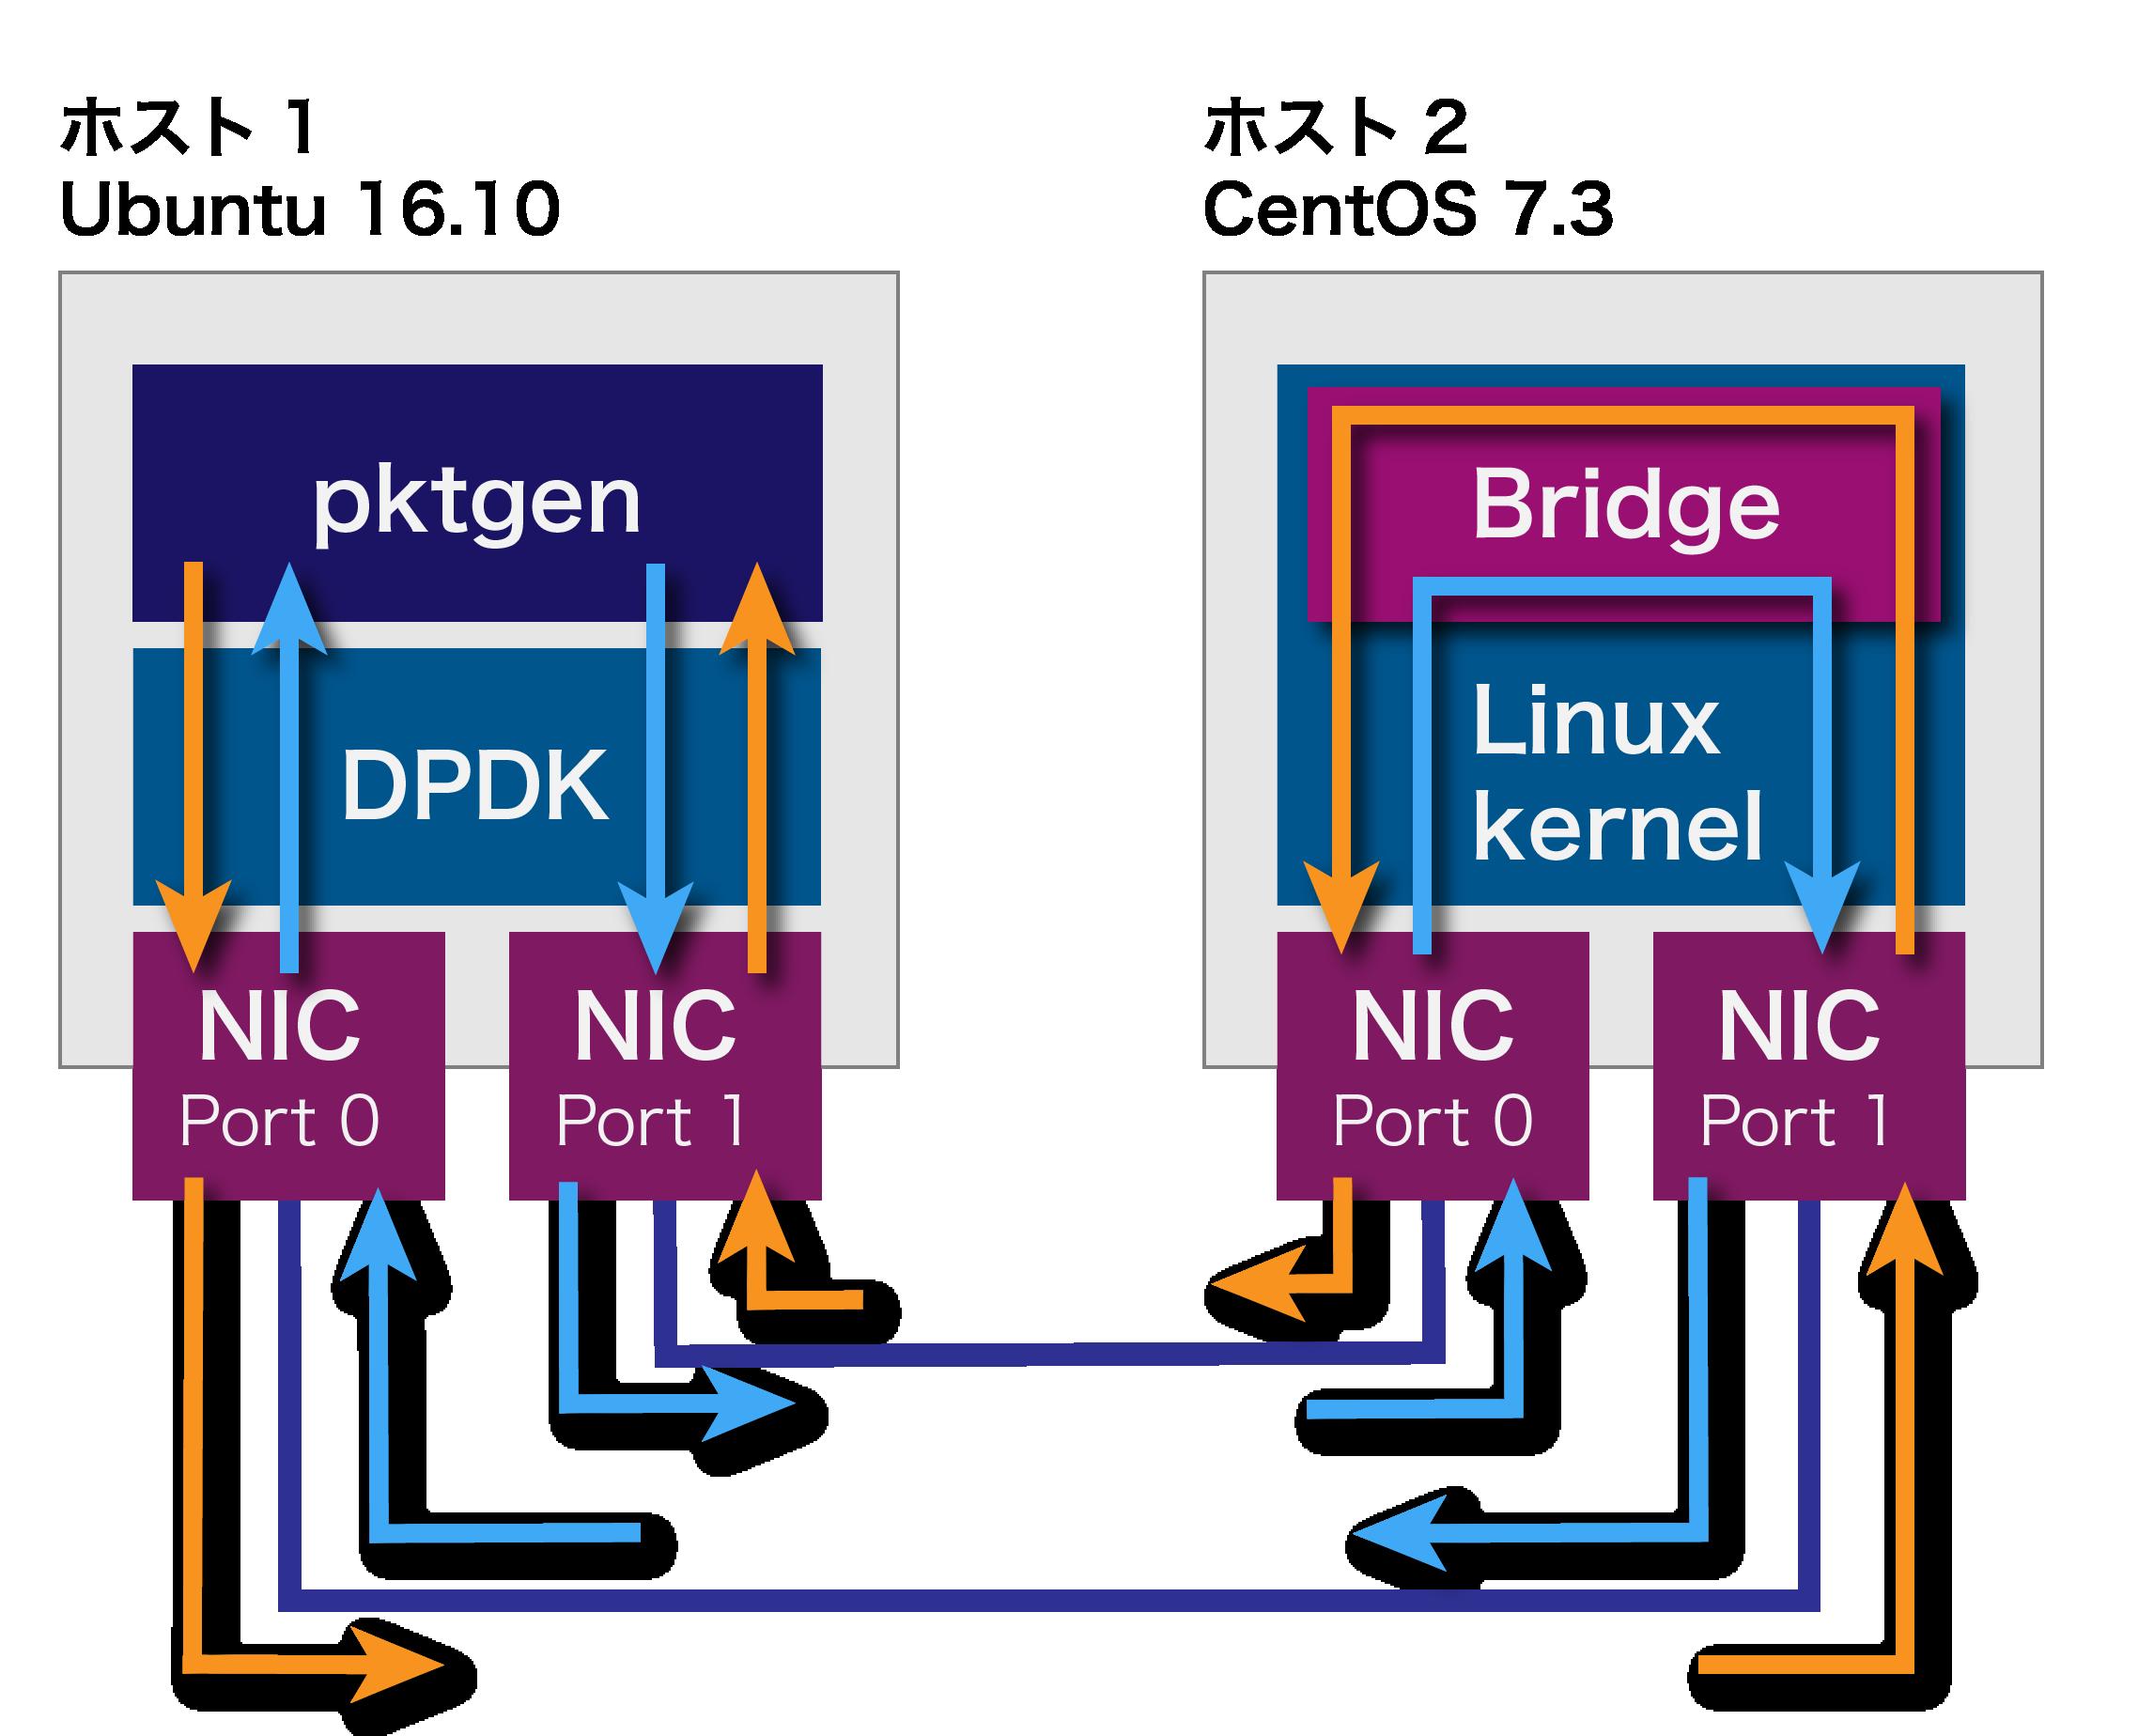 06-Linux-bridge.png